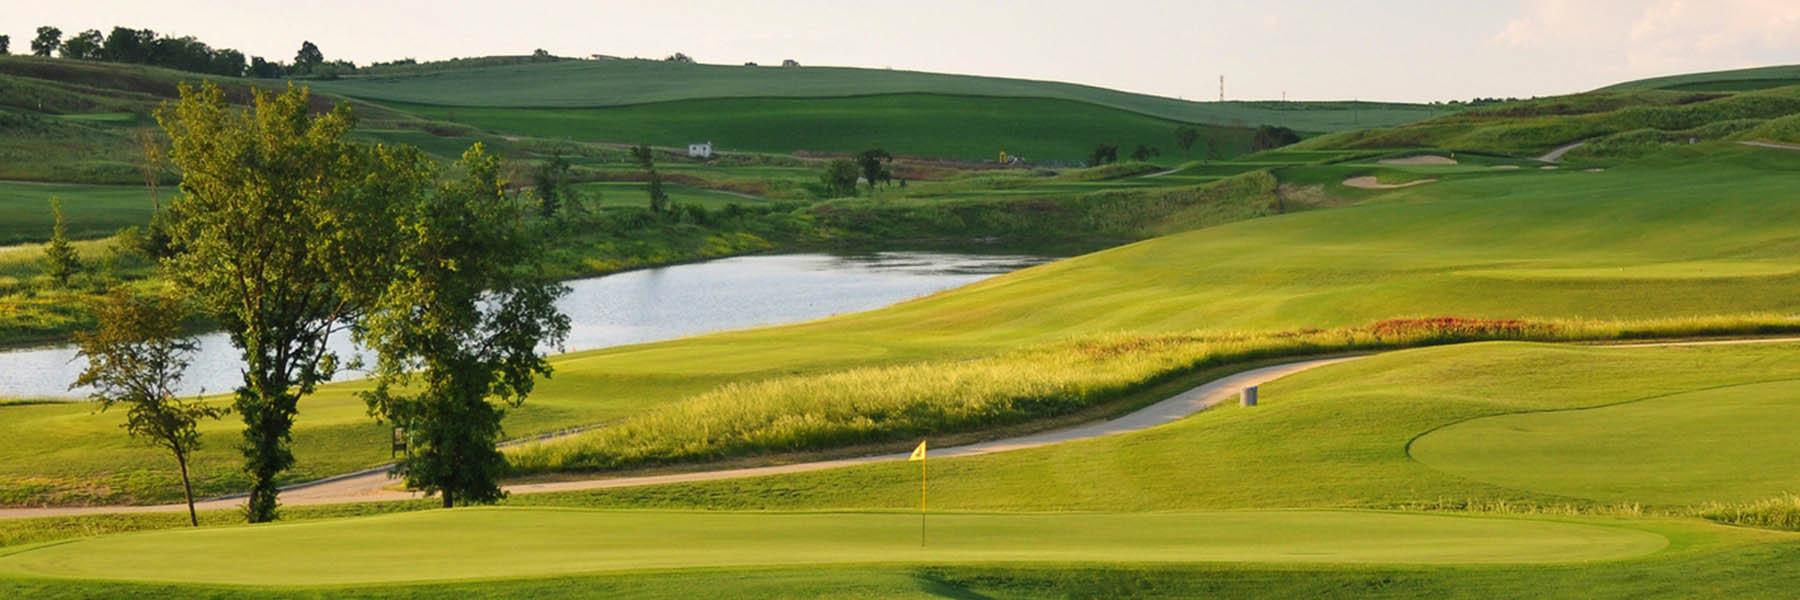 Royal Golf La Bagnaia bei Siena - ein neuer Stern am toskanischen Golfhimmel